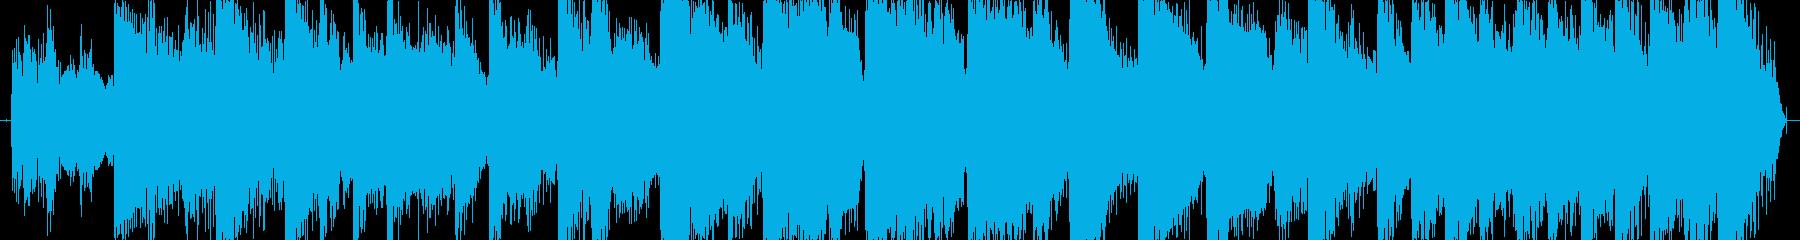 場面転換ジングル10秒の再生済みの波形